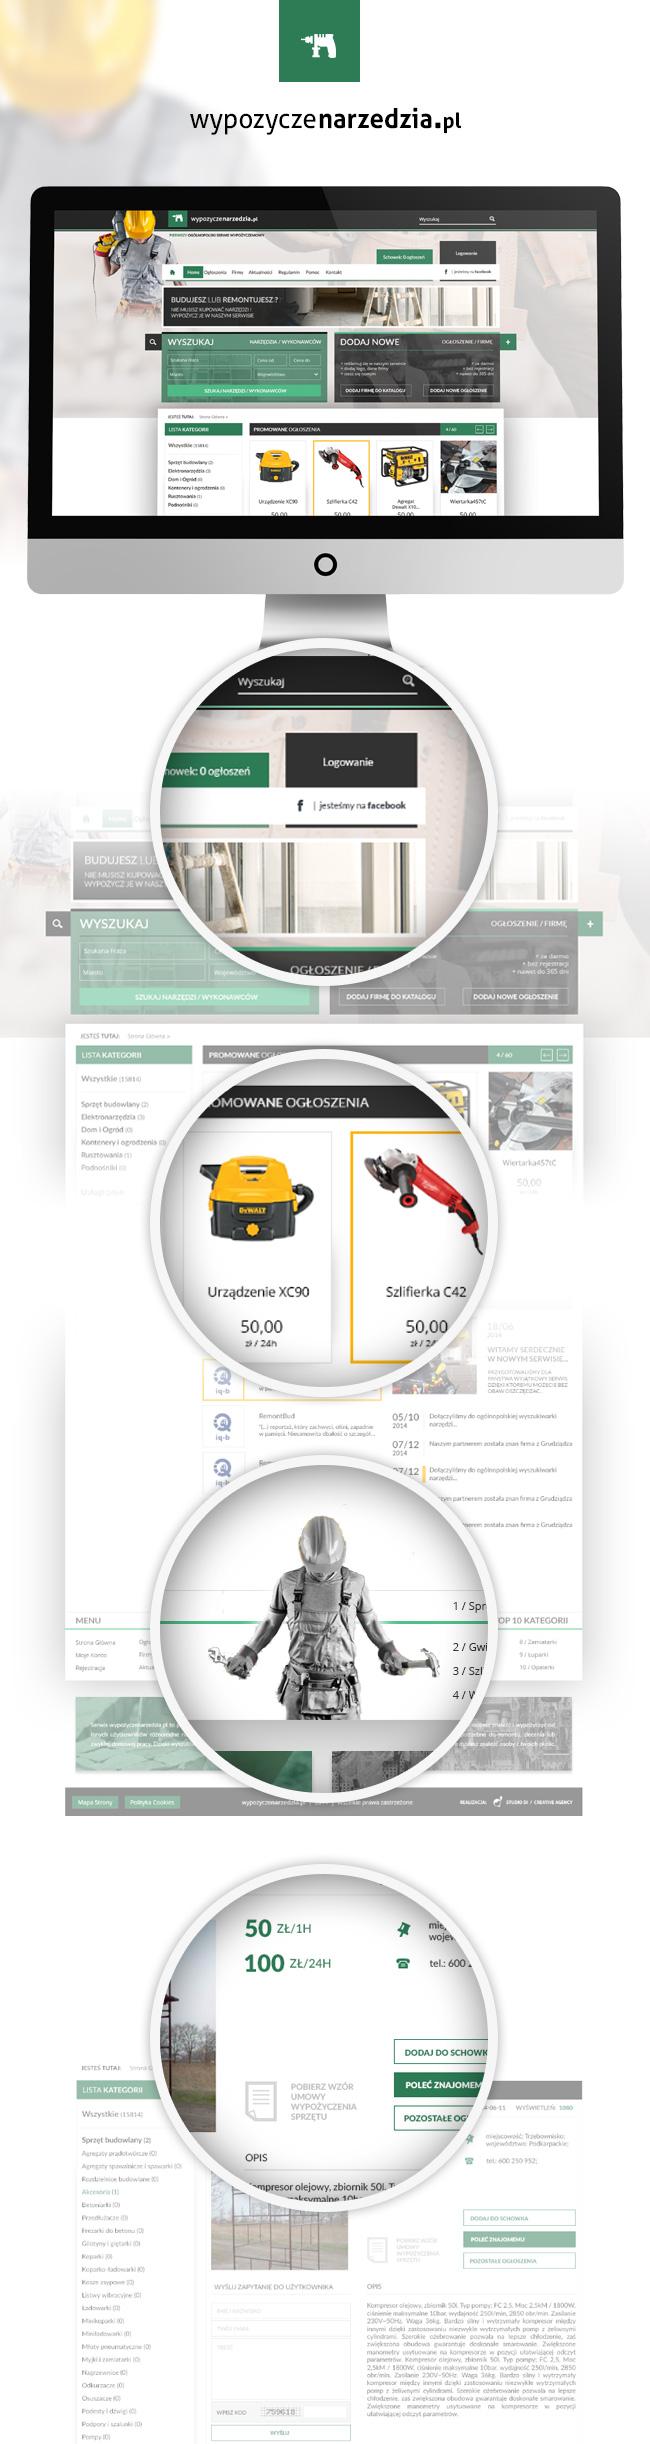 wypozyczalnia-narzedzi-layout-strony-projekt